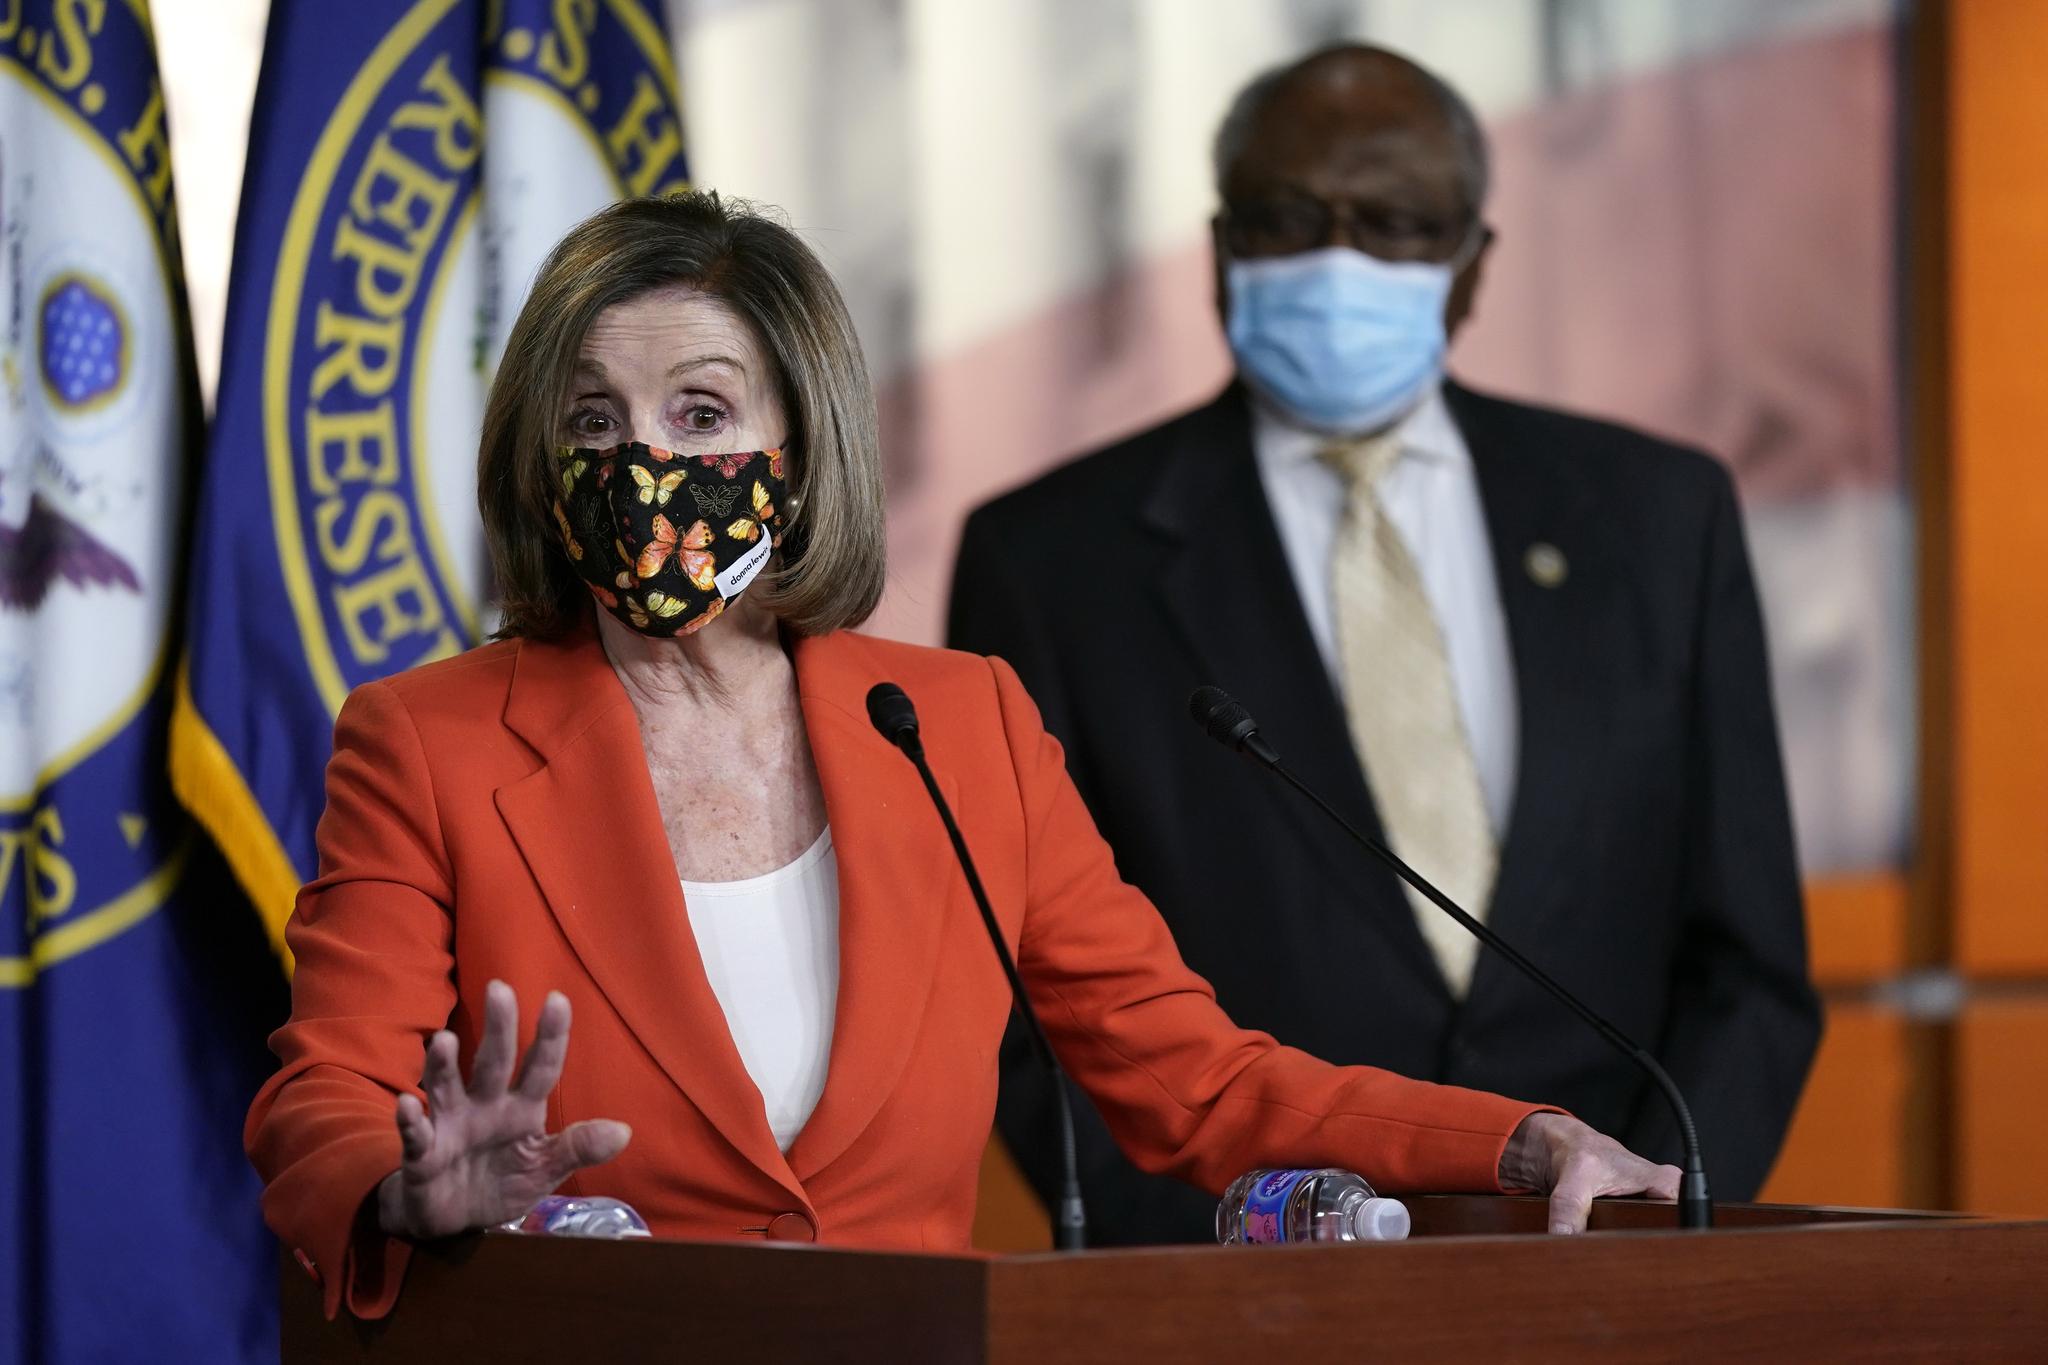 2일 기자회견하는 낸시 펠로시 하원의장. 마스크의 나비 색상과 재킷 색상이 조화를 이룬다. 뒤에 선 남성의 평범한 마스크와 뚜렷하게 비교된다. AP=연합뉴스